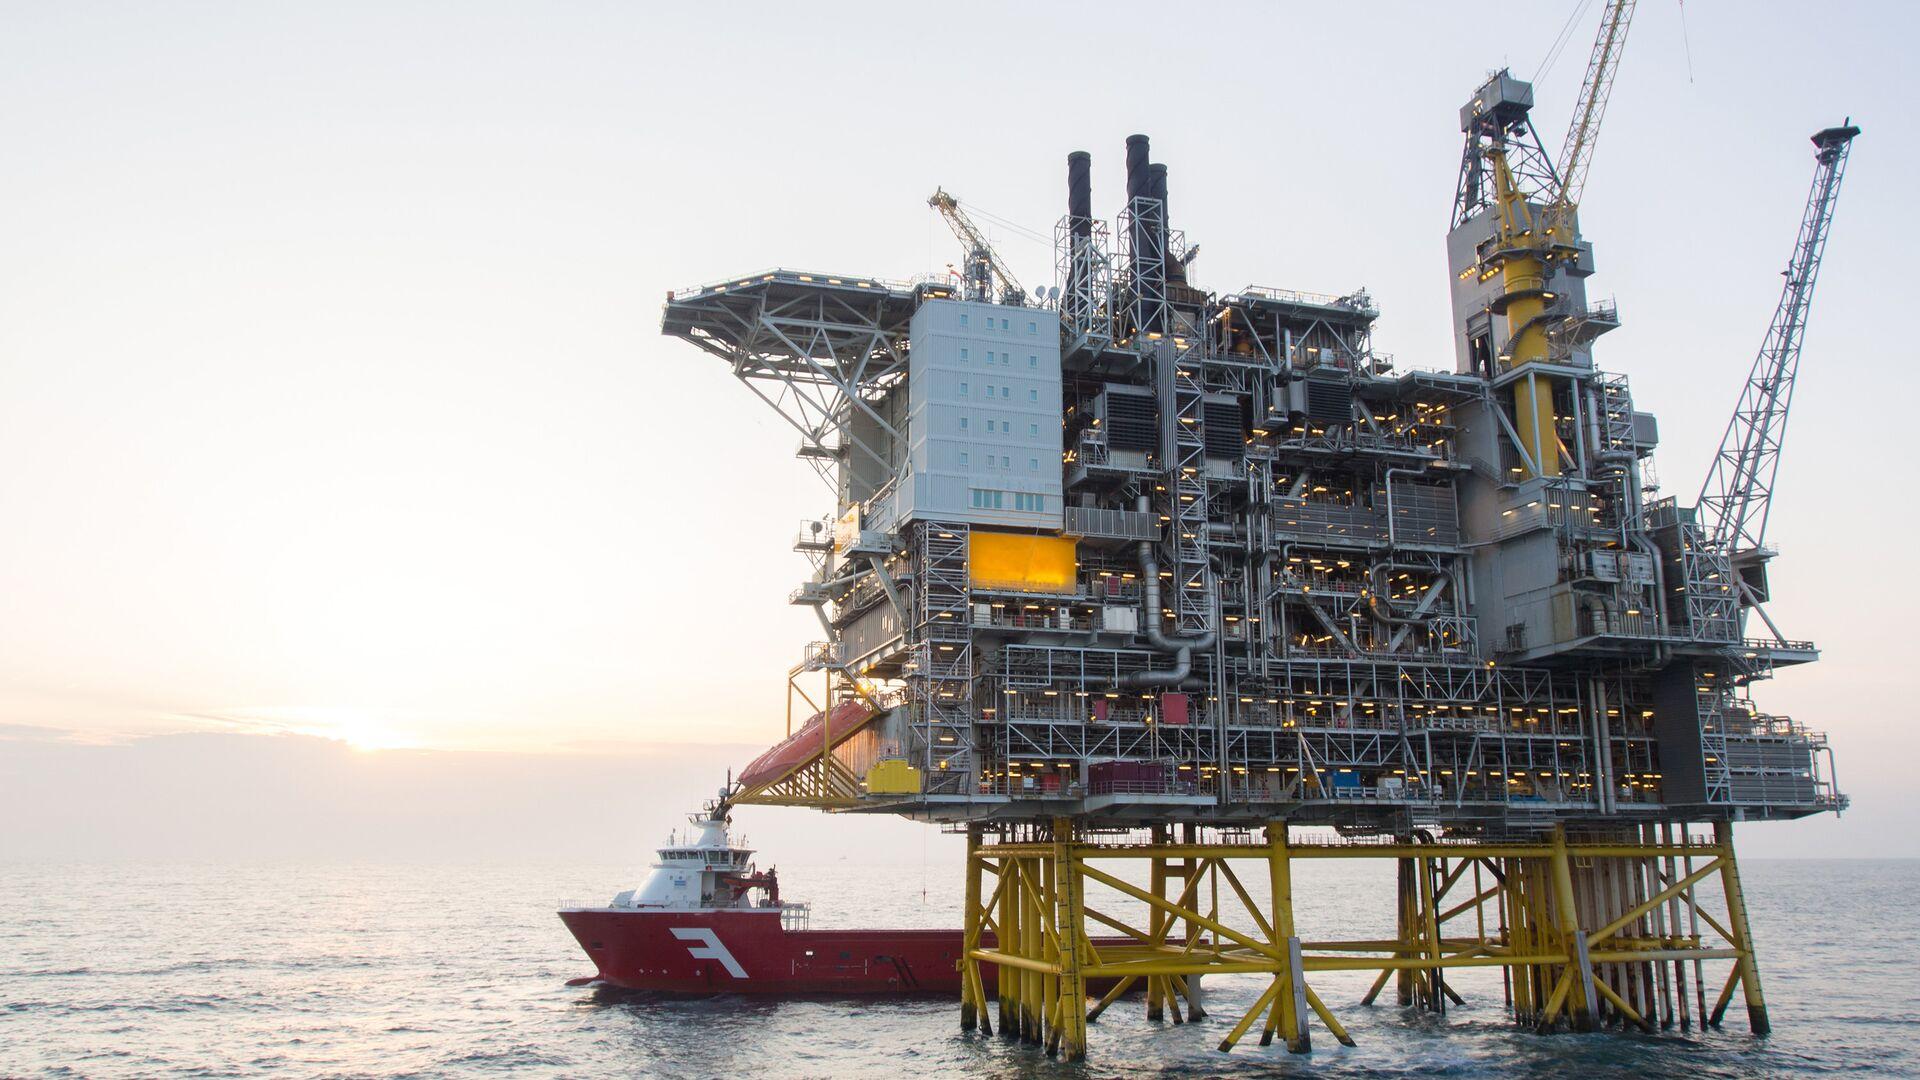 Цена на нефть марки Brent побила двухгодичный рекорд